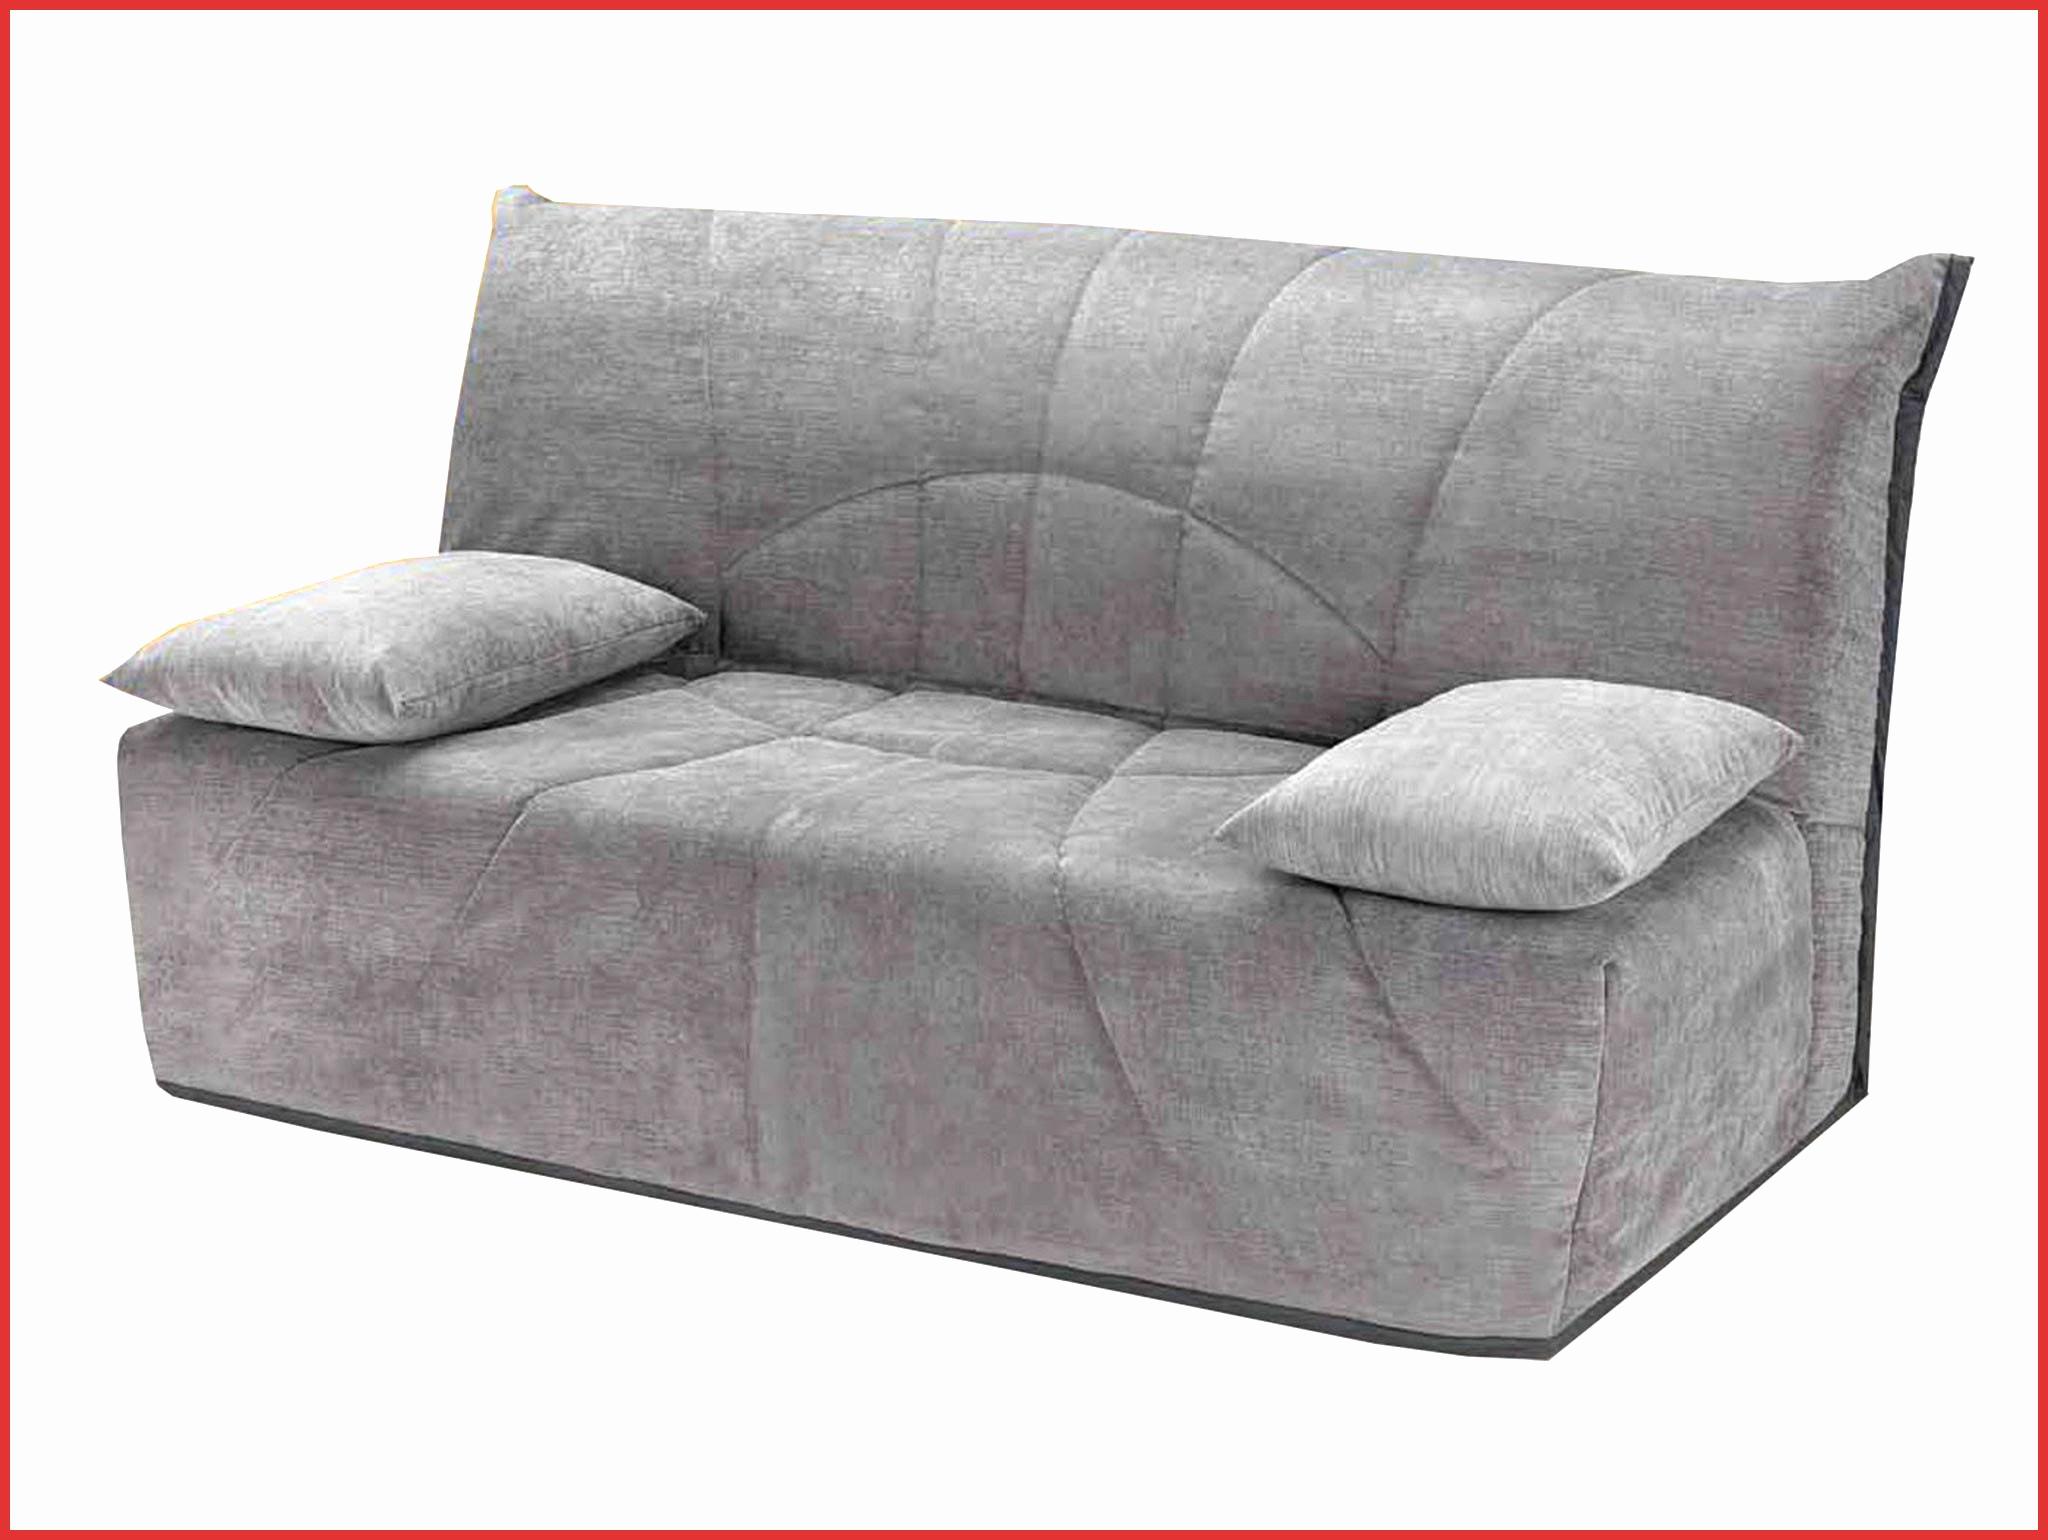 Clic Clac 2 Places Ikea Élégant Image Clic Clac Bultex 15 Matelas Futon Pas Cher Unique